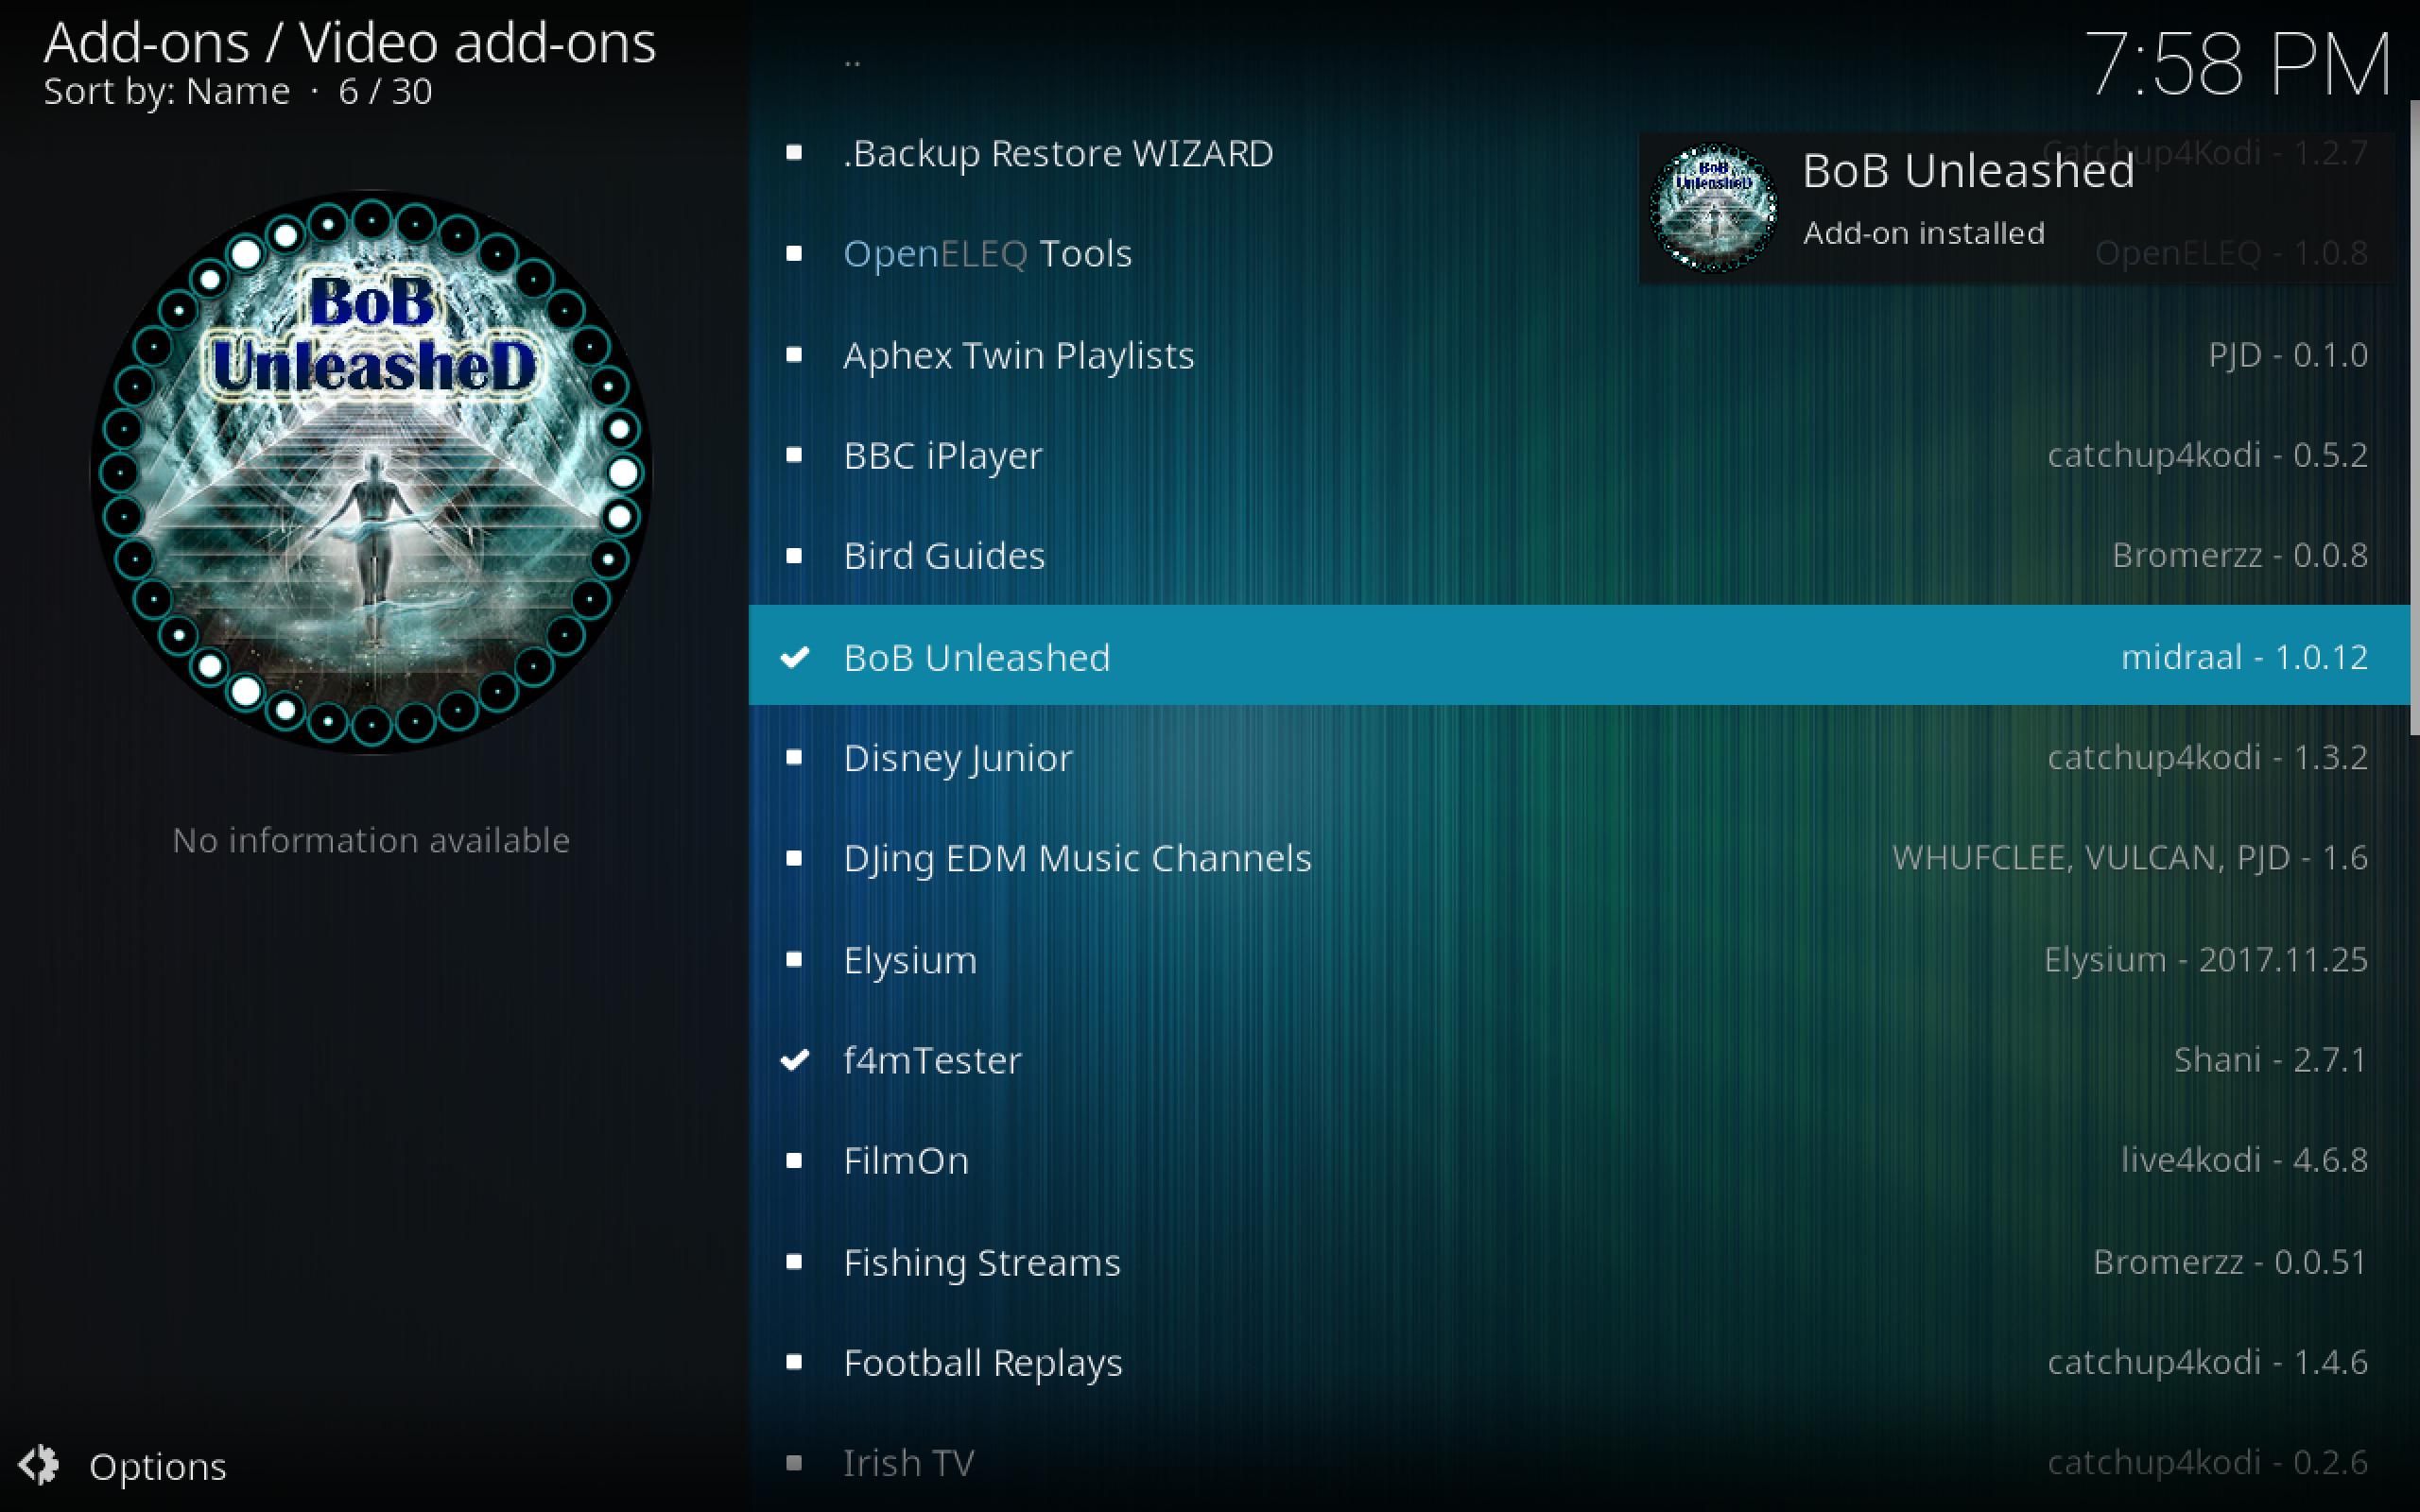 BoB Unleashed kodi add-on